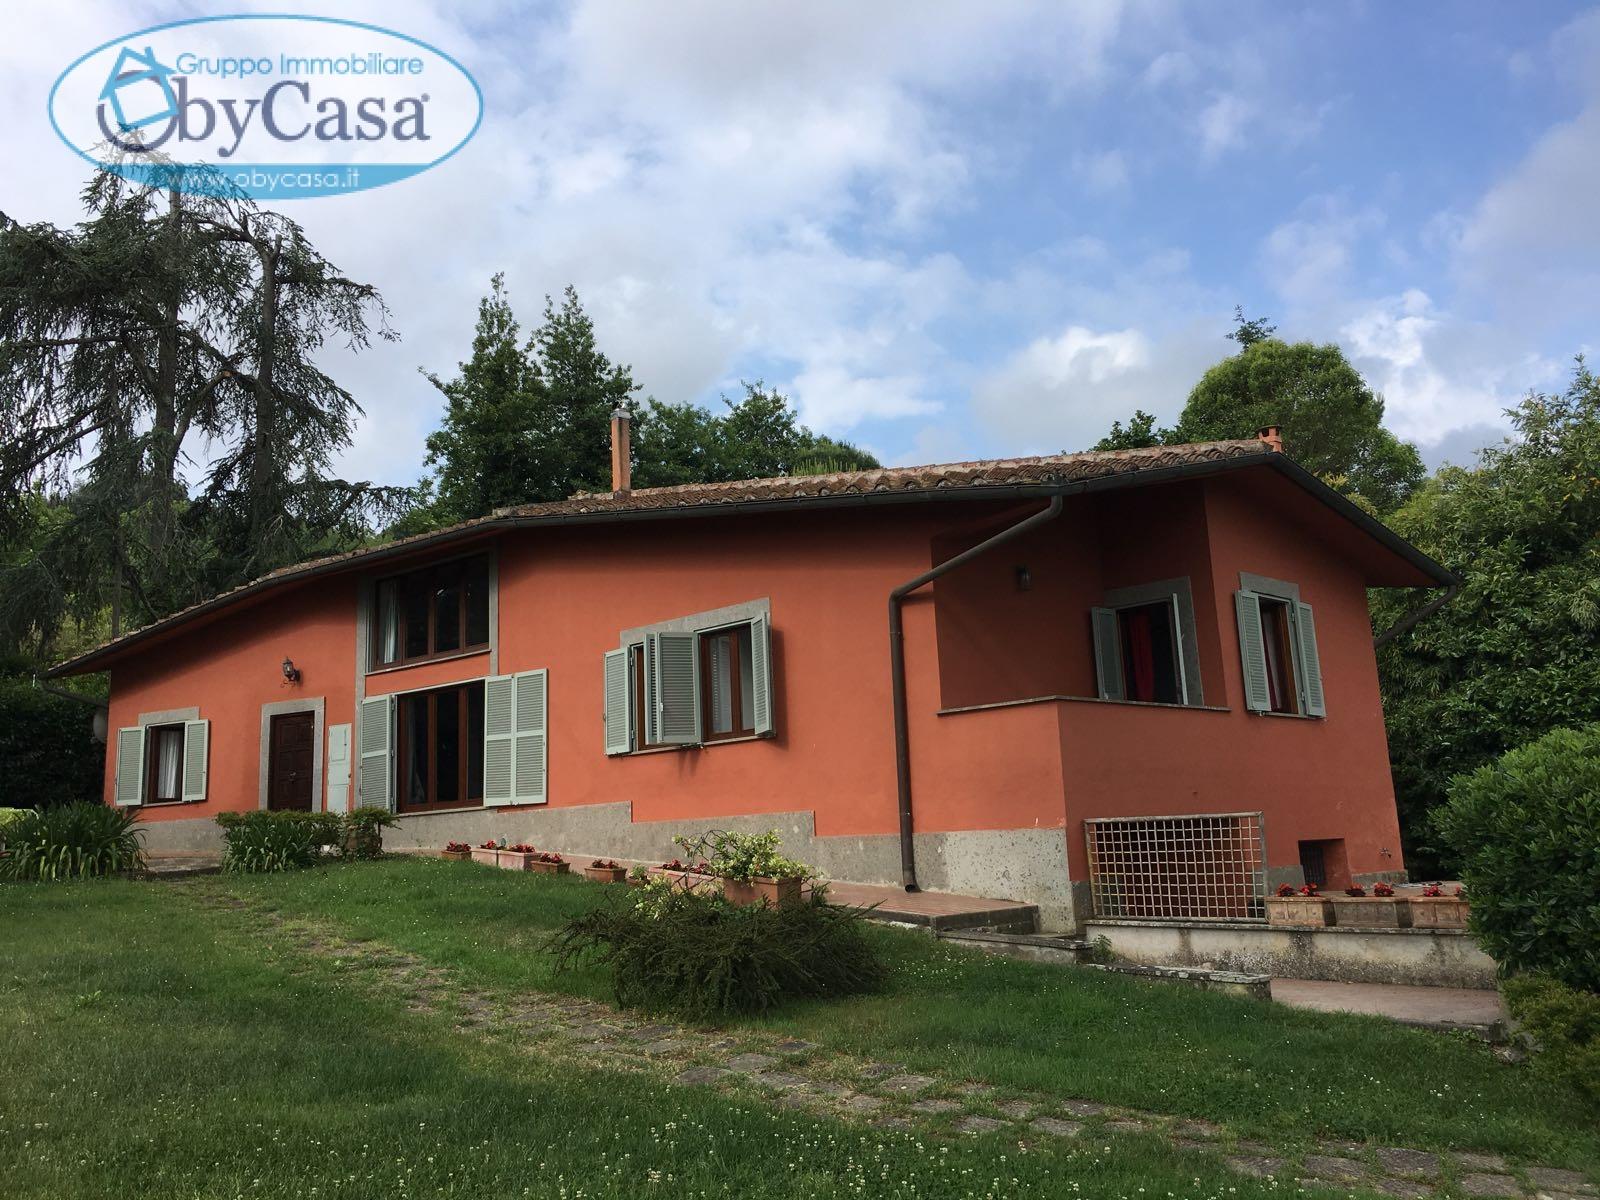 Villa in vendita a Bracciano, 6 locali, zona Località: lago, prezzo € 410.000 | CambioCasa.it